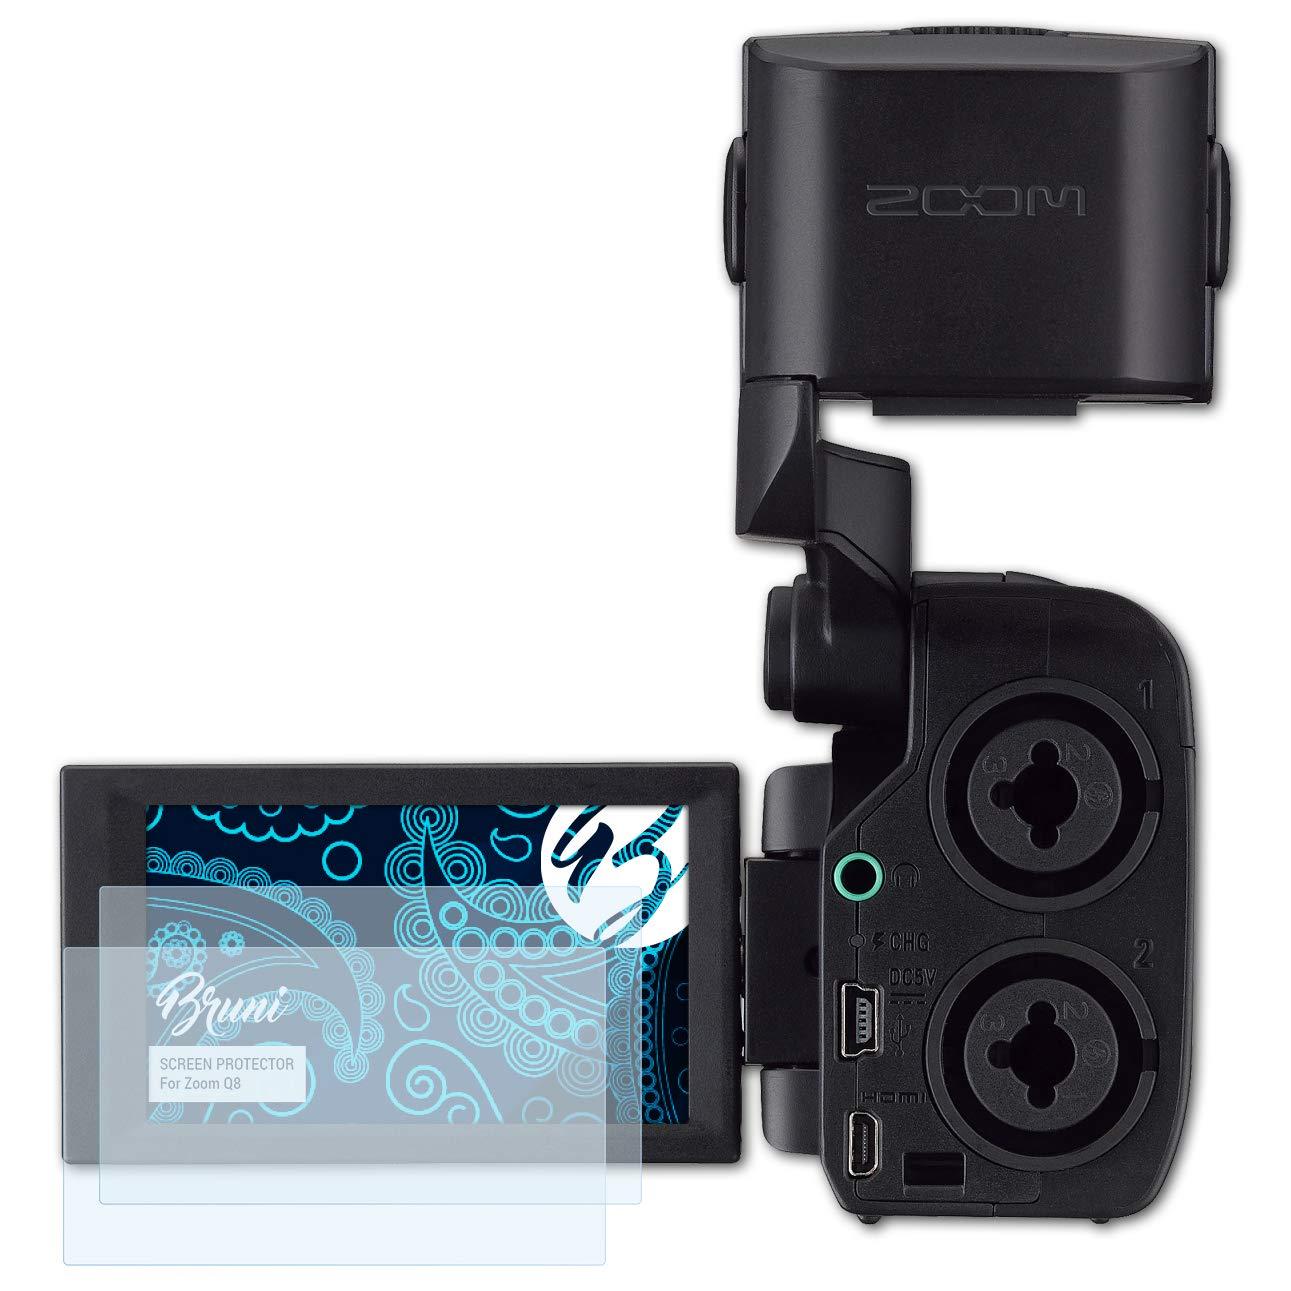 Claro L/ámina Protectora Bruni Pel/ícula Protectora para Zoom Q8 Protector Pel/ícula 2X